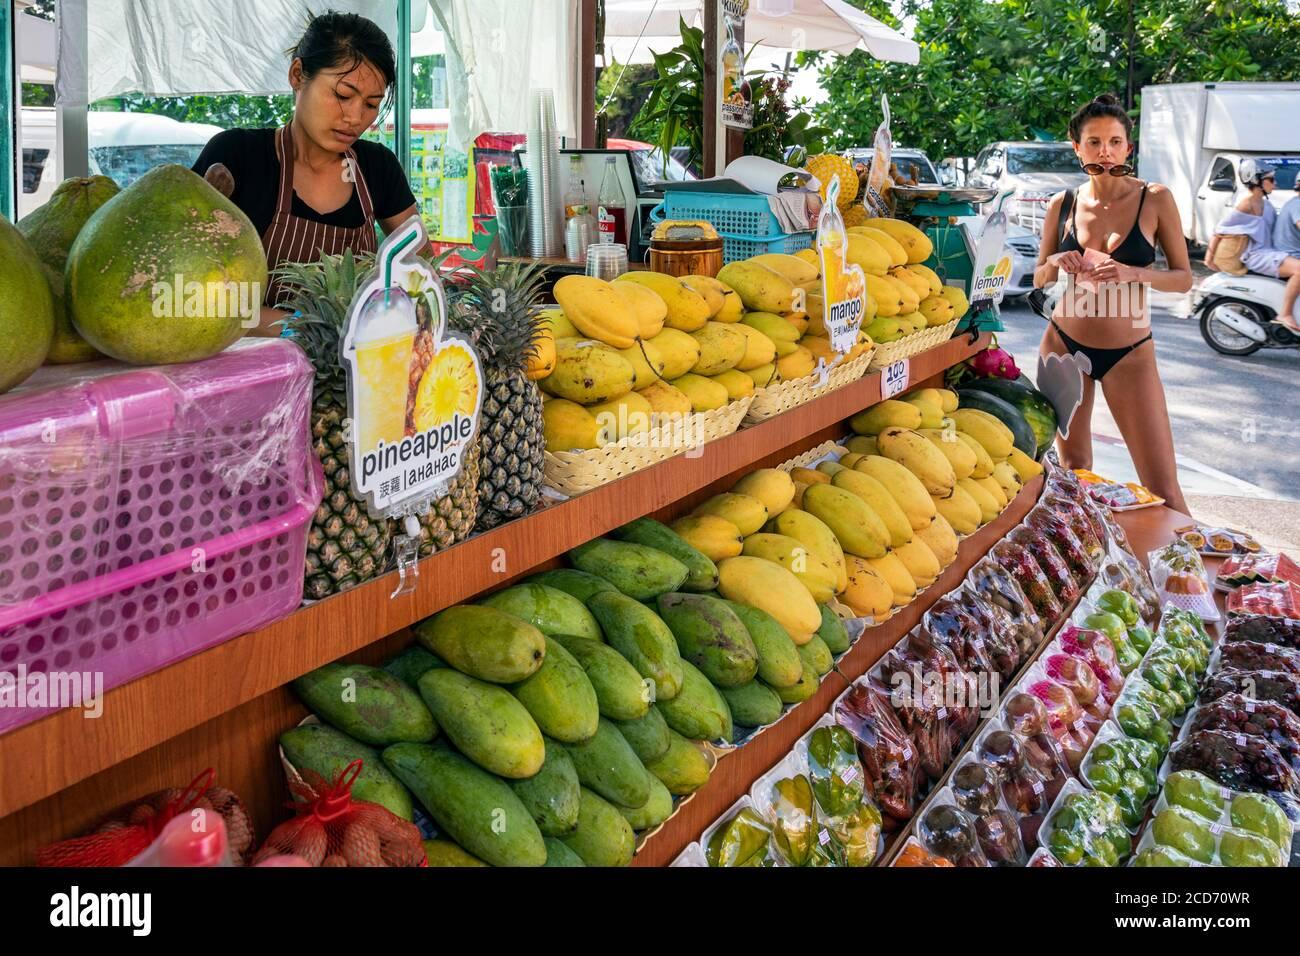 Tourisme achetant des fruits de la rue vendeur, Patong, Phuket, Thaïlande Banque D'Images